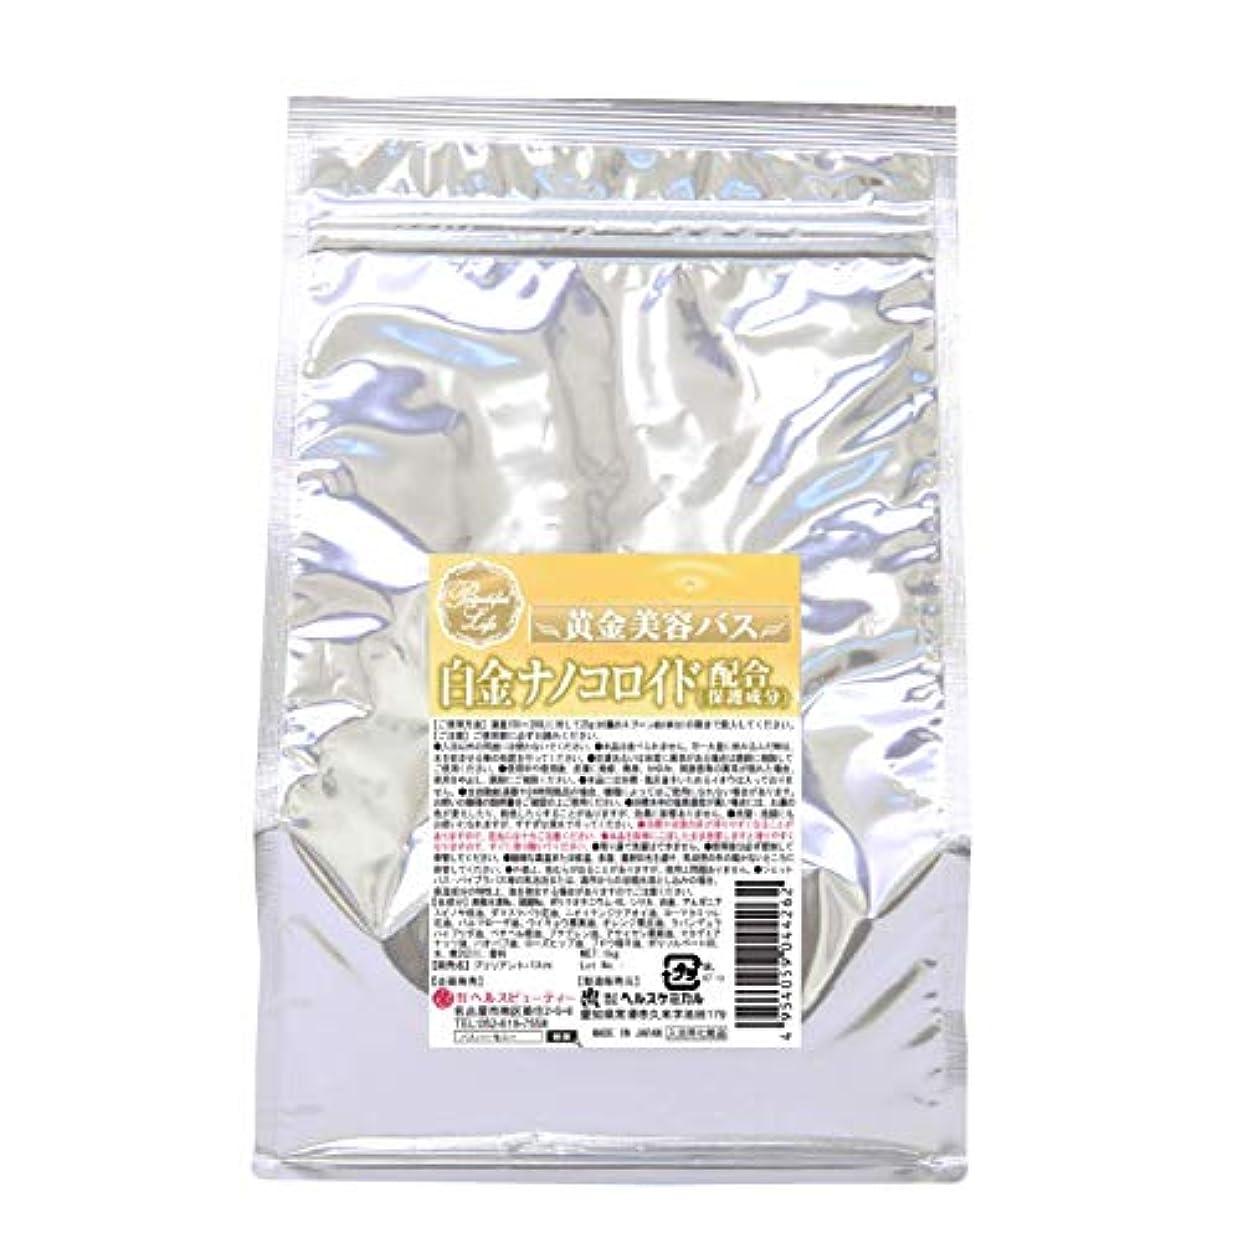 白雪姫姿を消すクラッチ入浴剤 湯匠仕込 白金ナノコロイド配合 1kg 50回分 お徳用